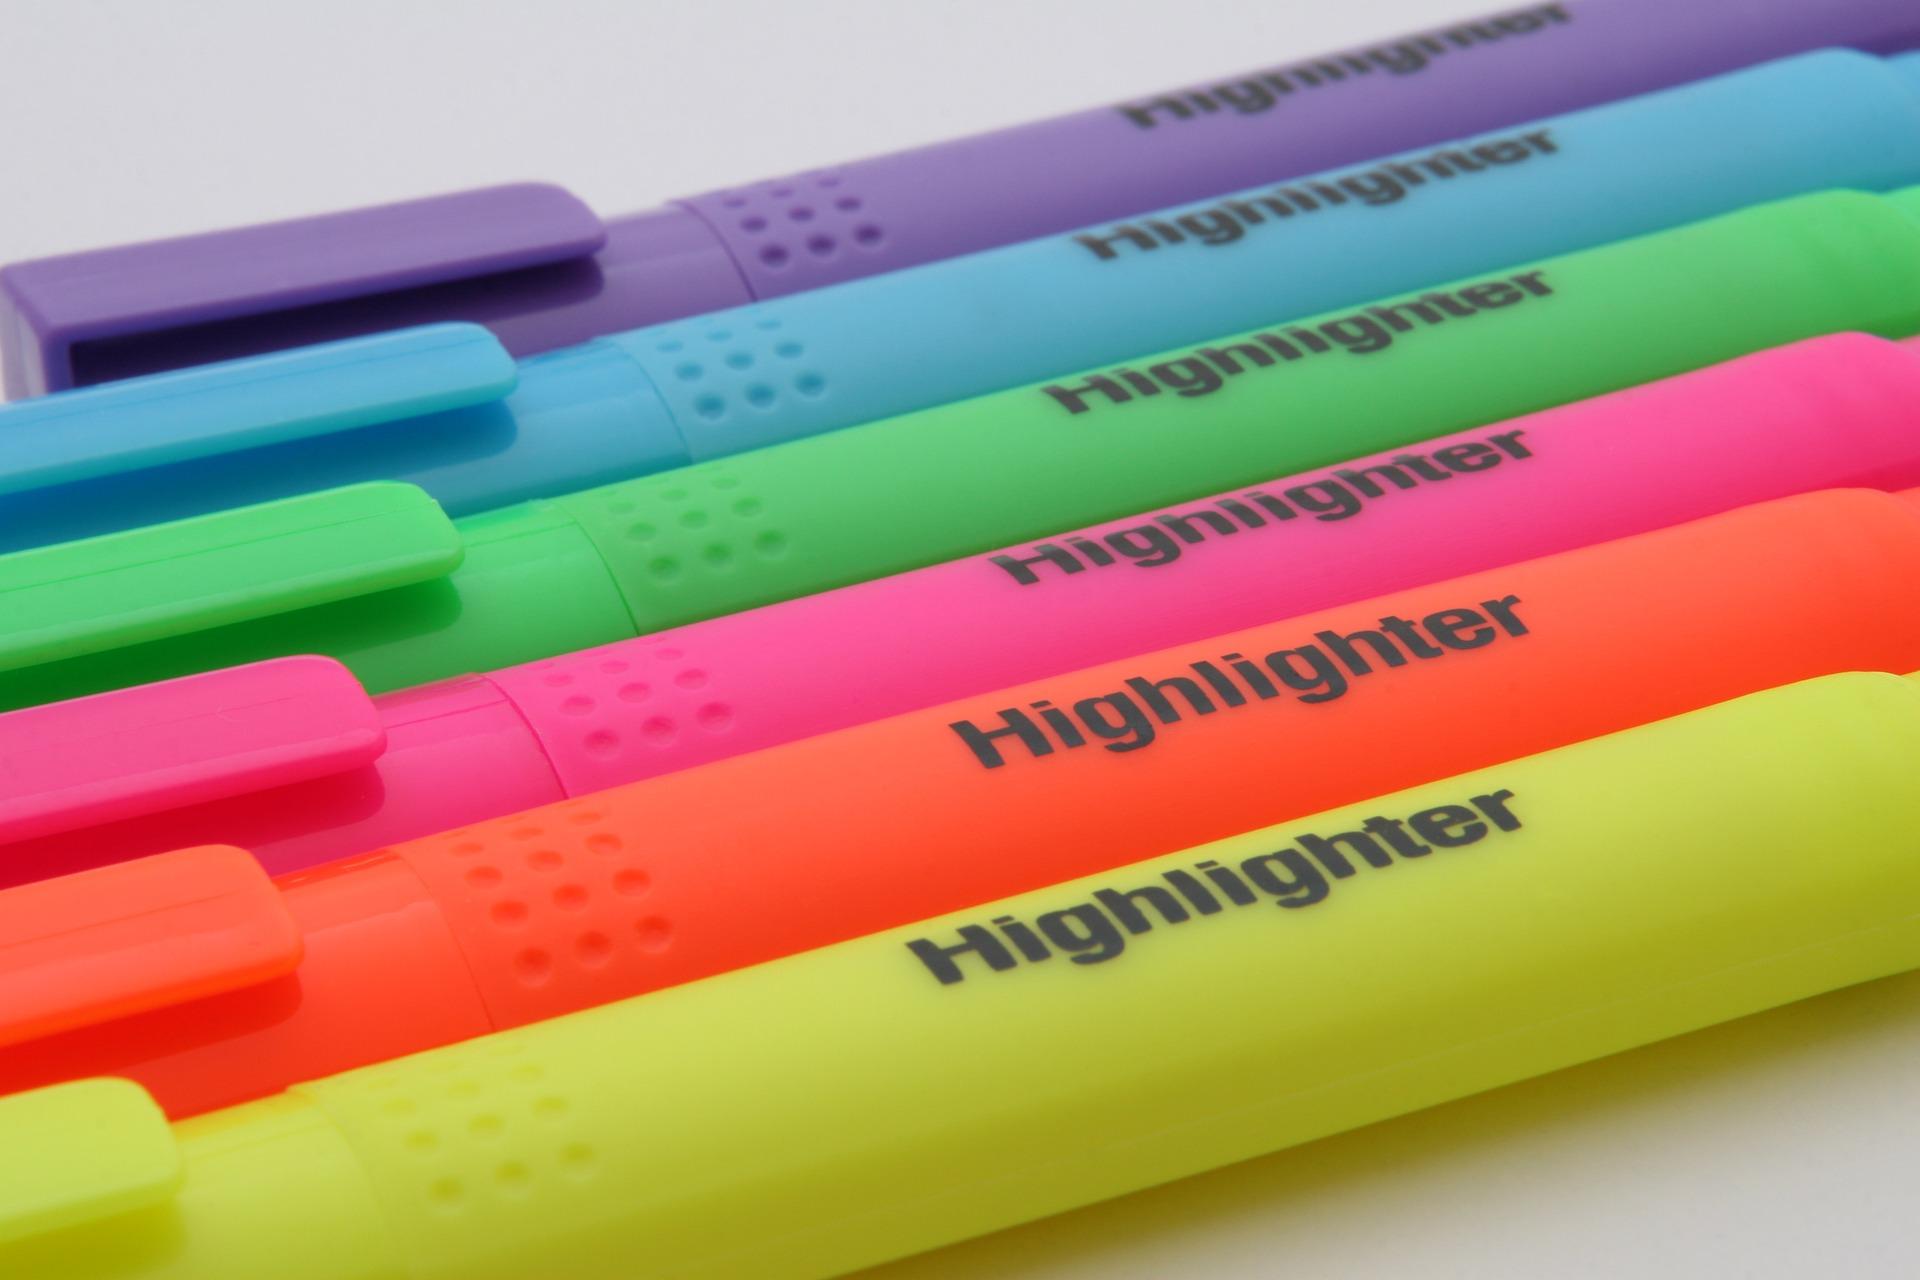 Digital Highlighting Activity